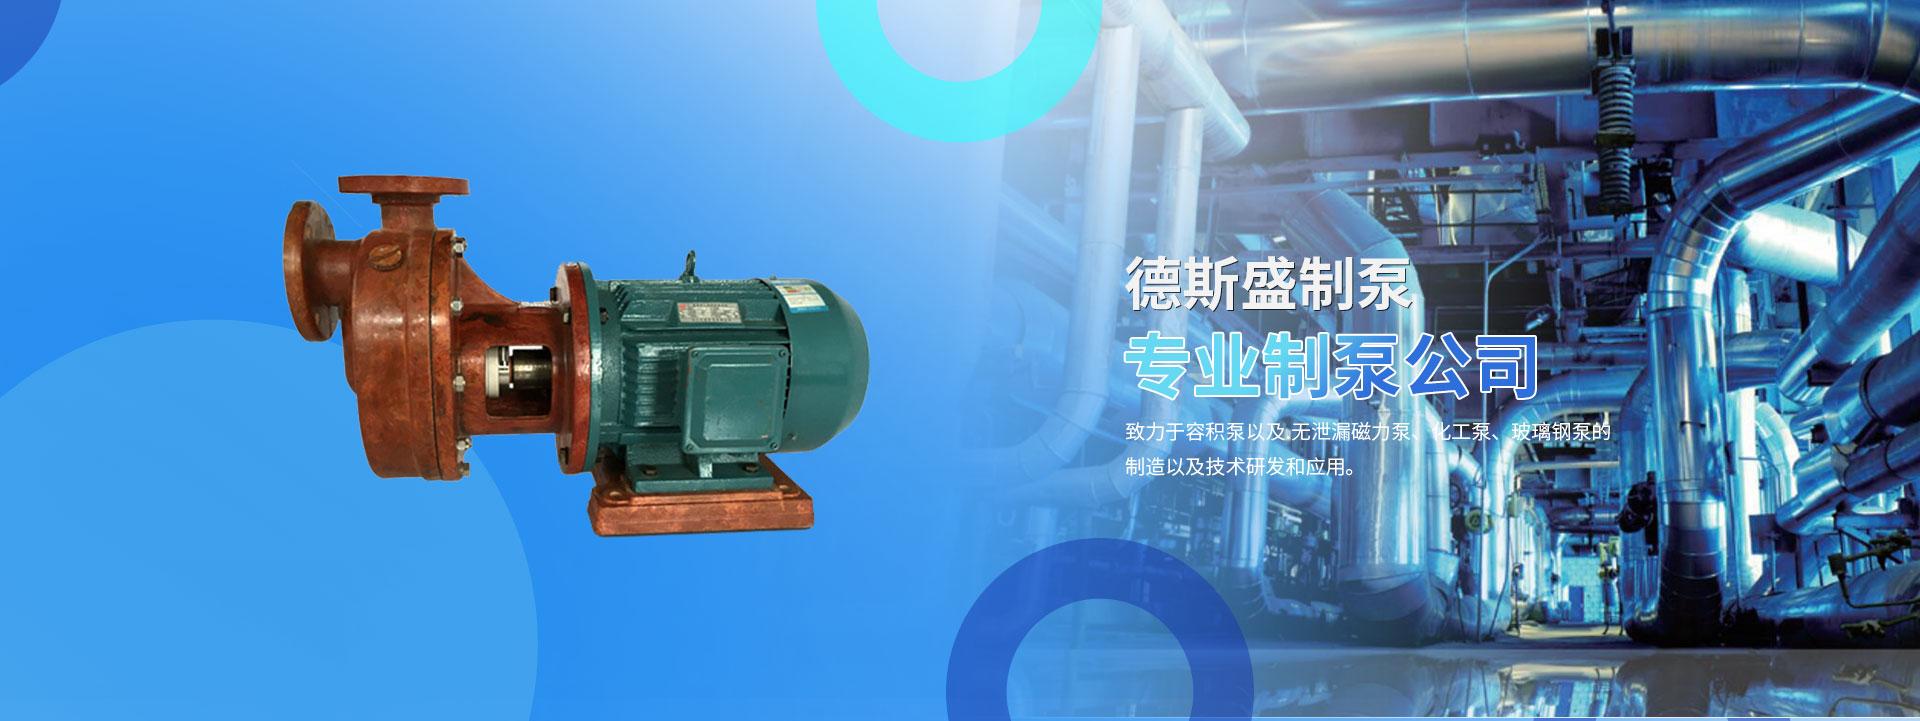 不銹鋼化工泵的運行維護工作有哪些